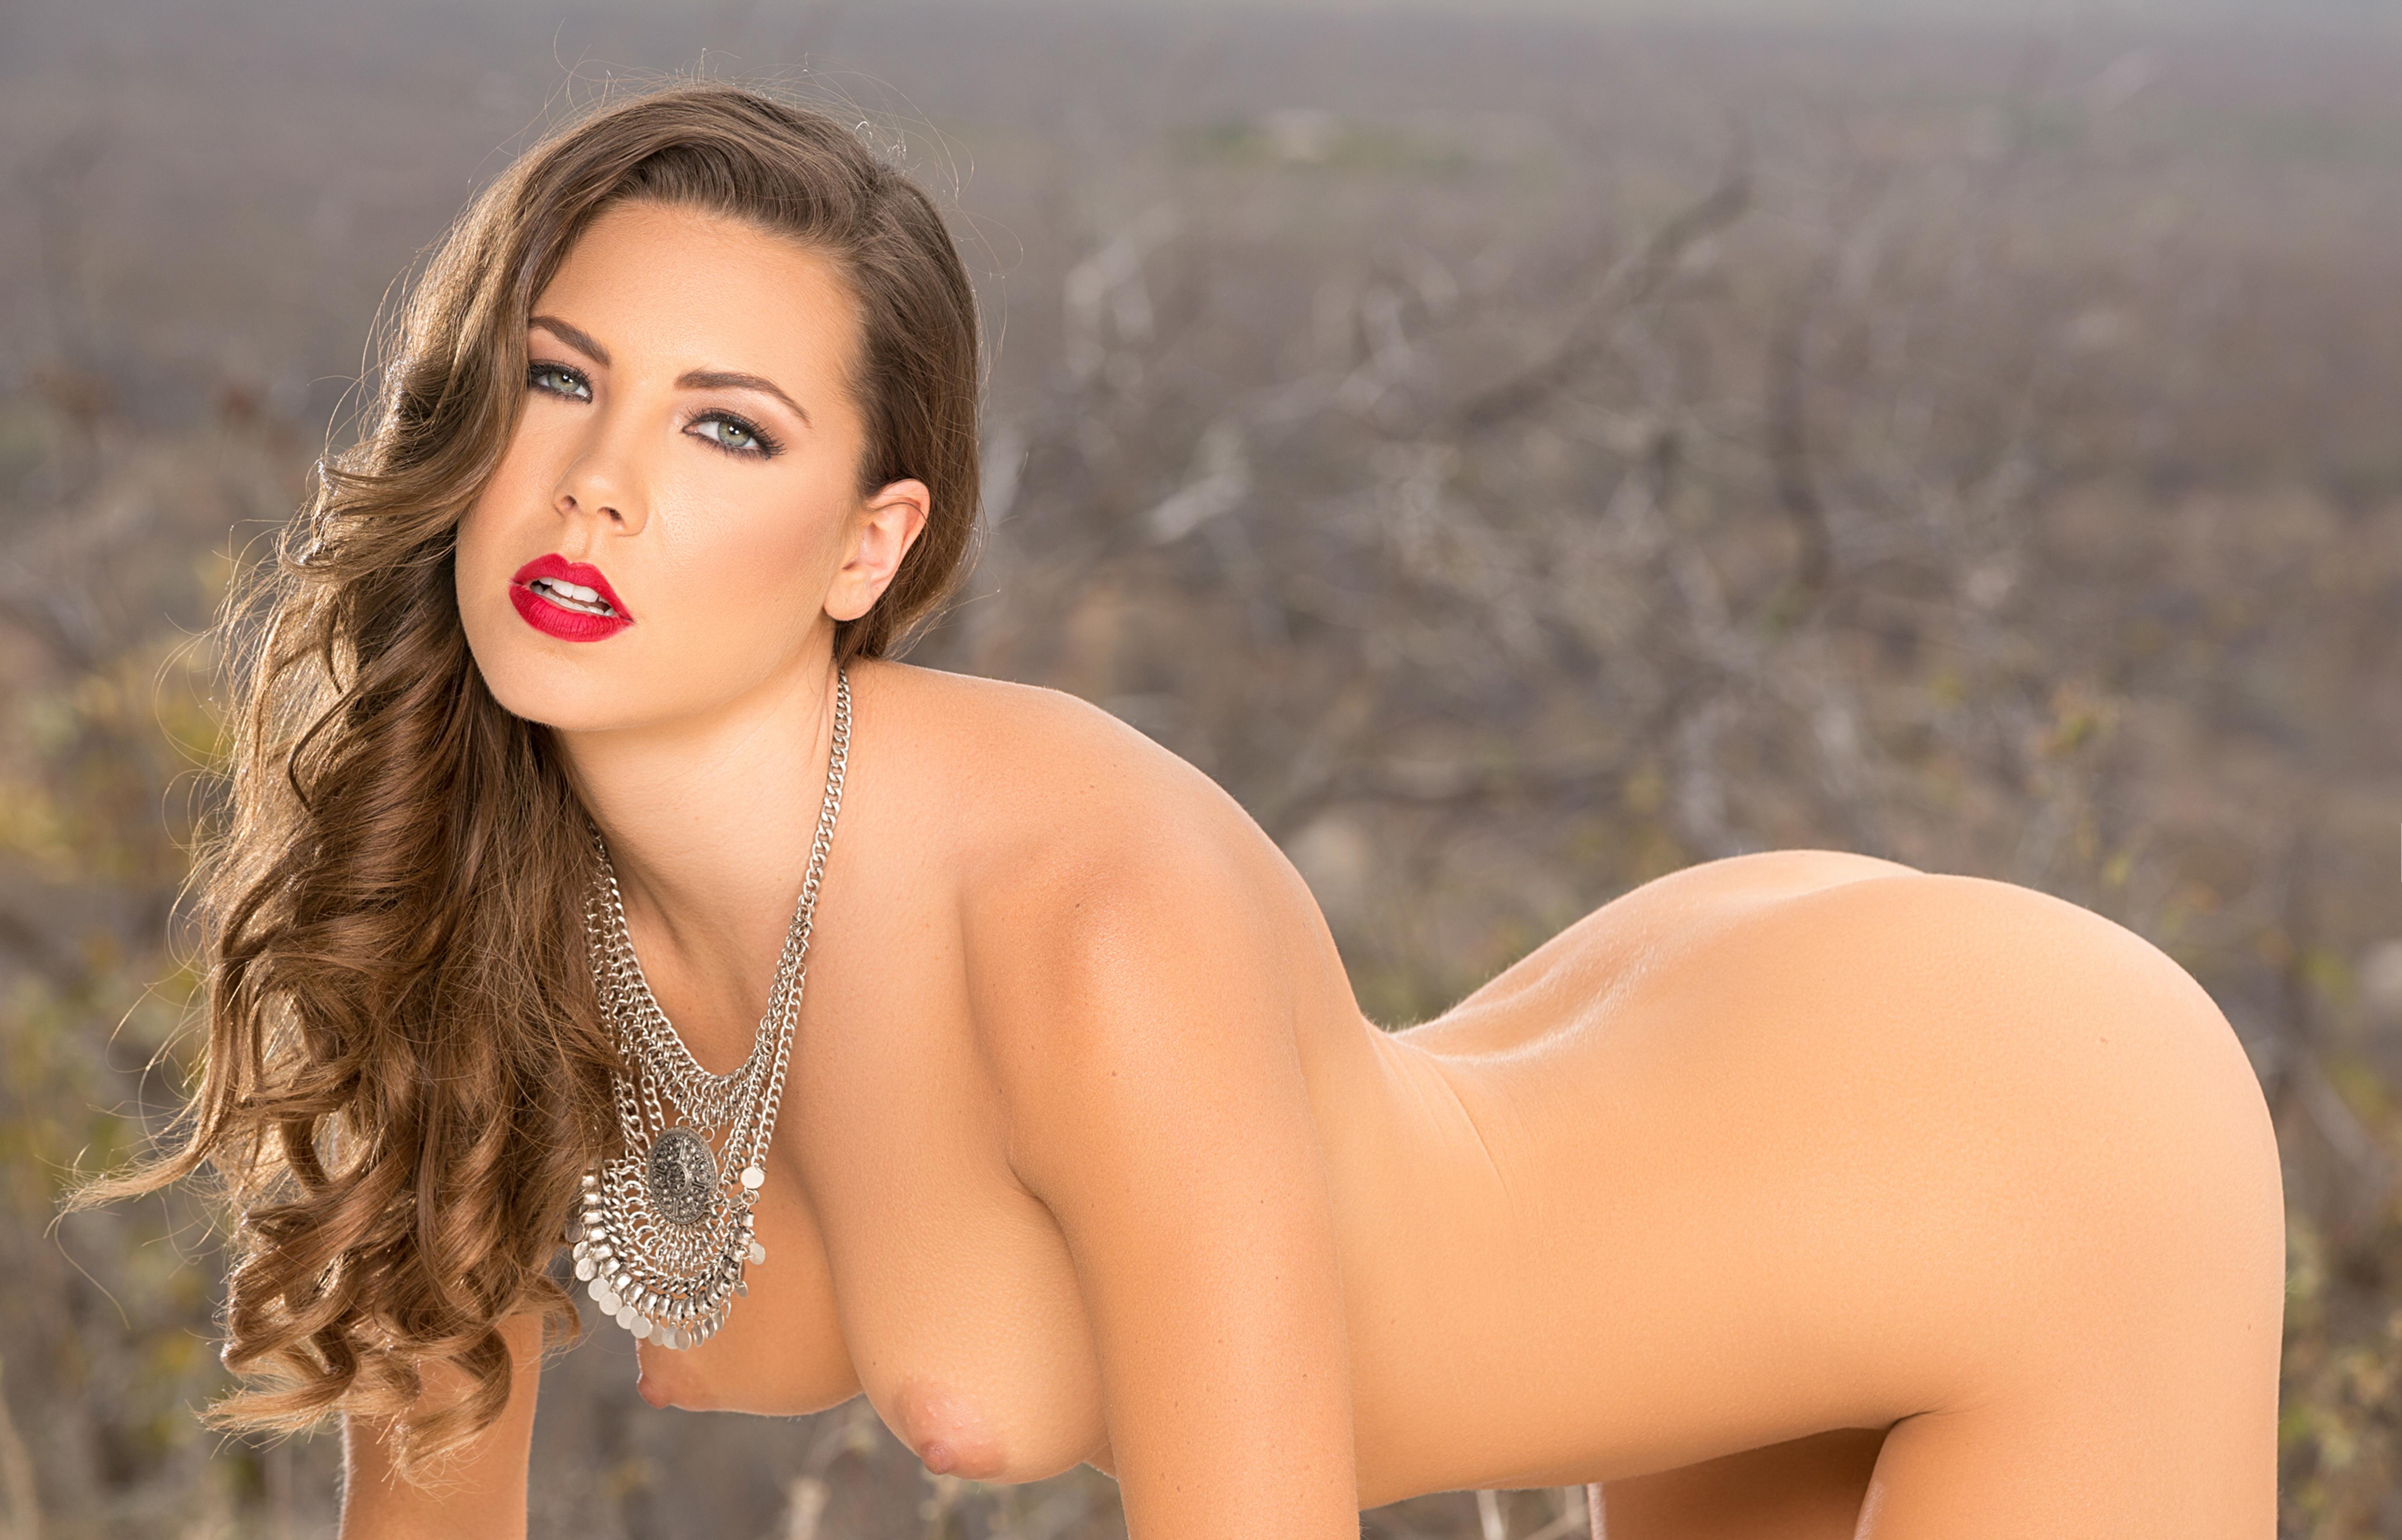 xxx sexy playboy models sex